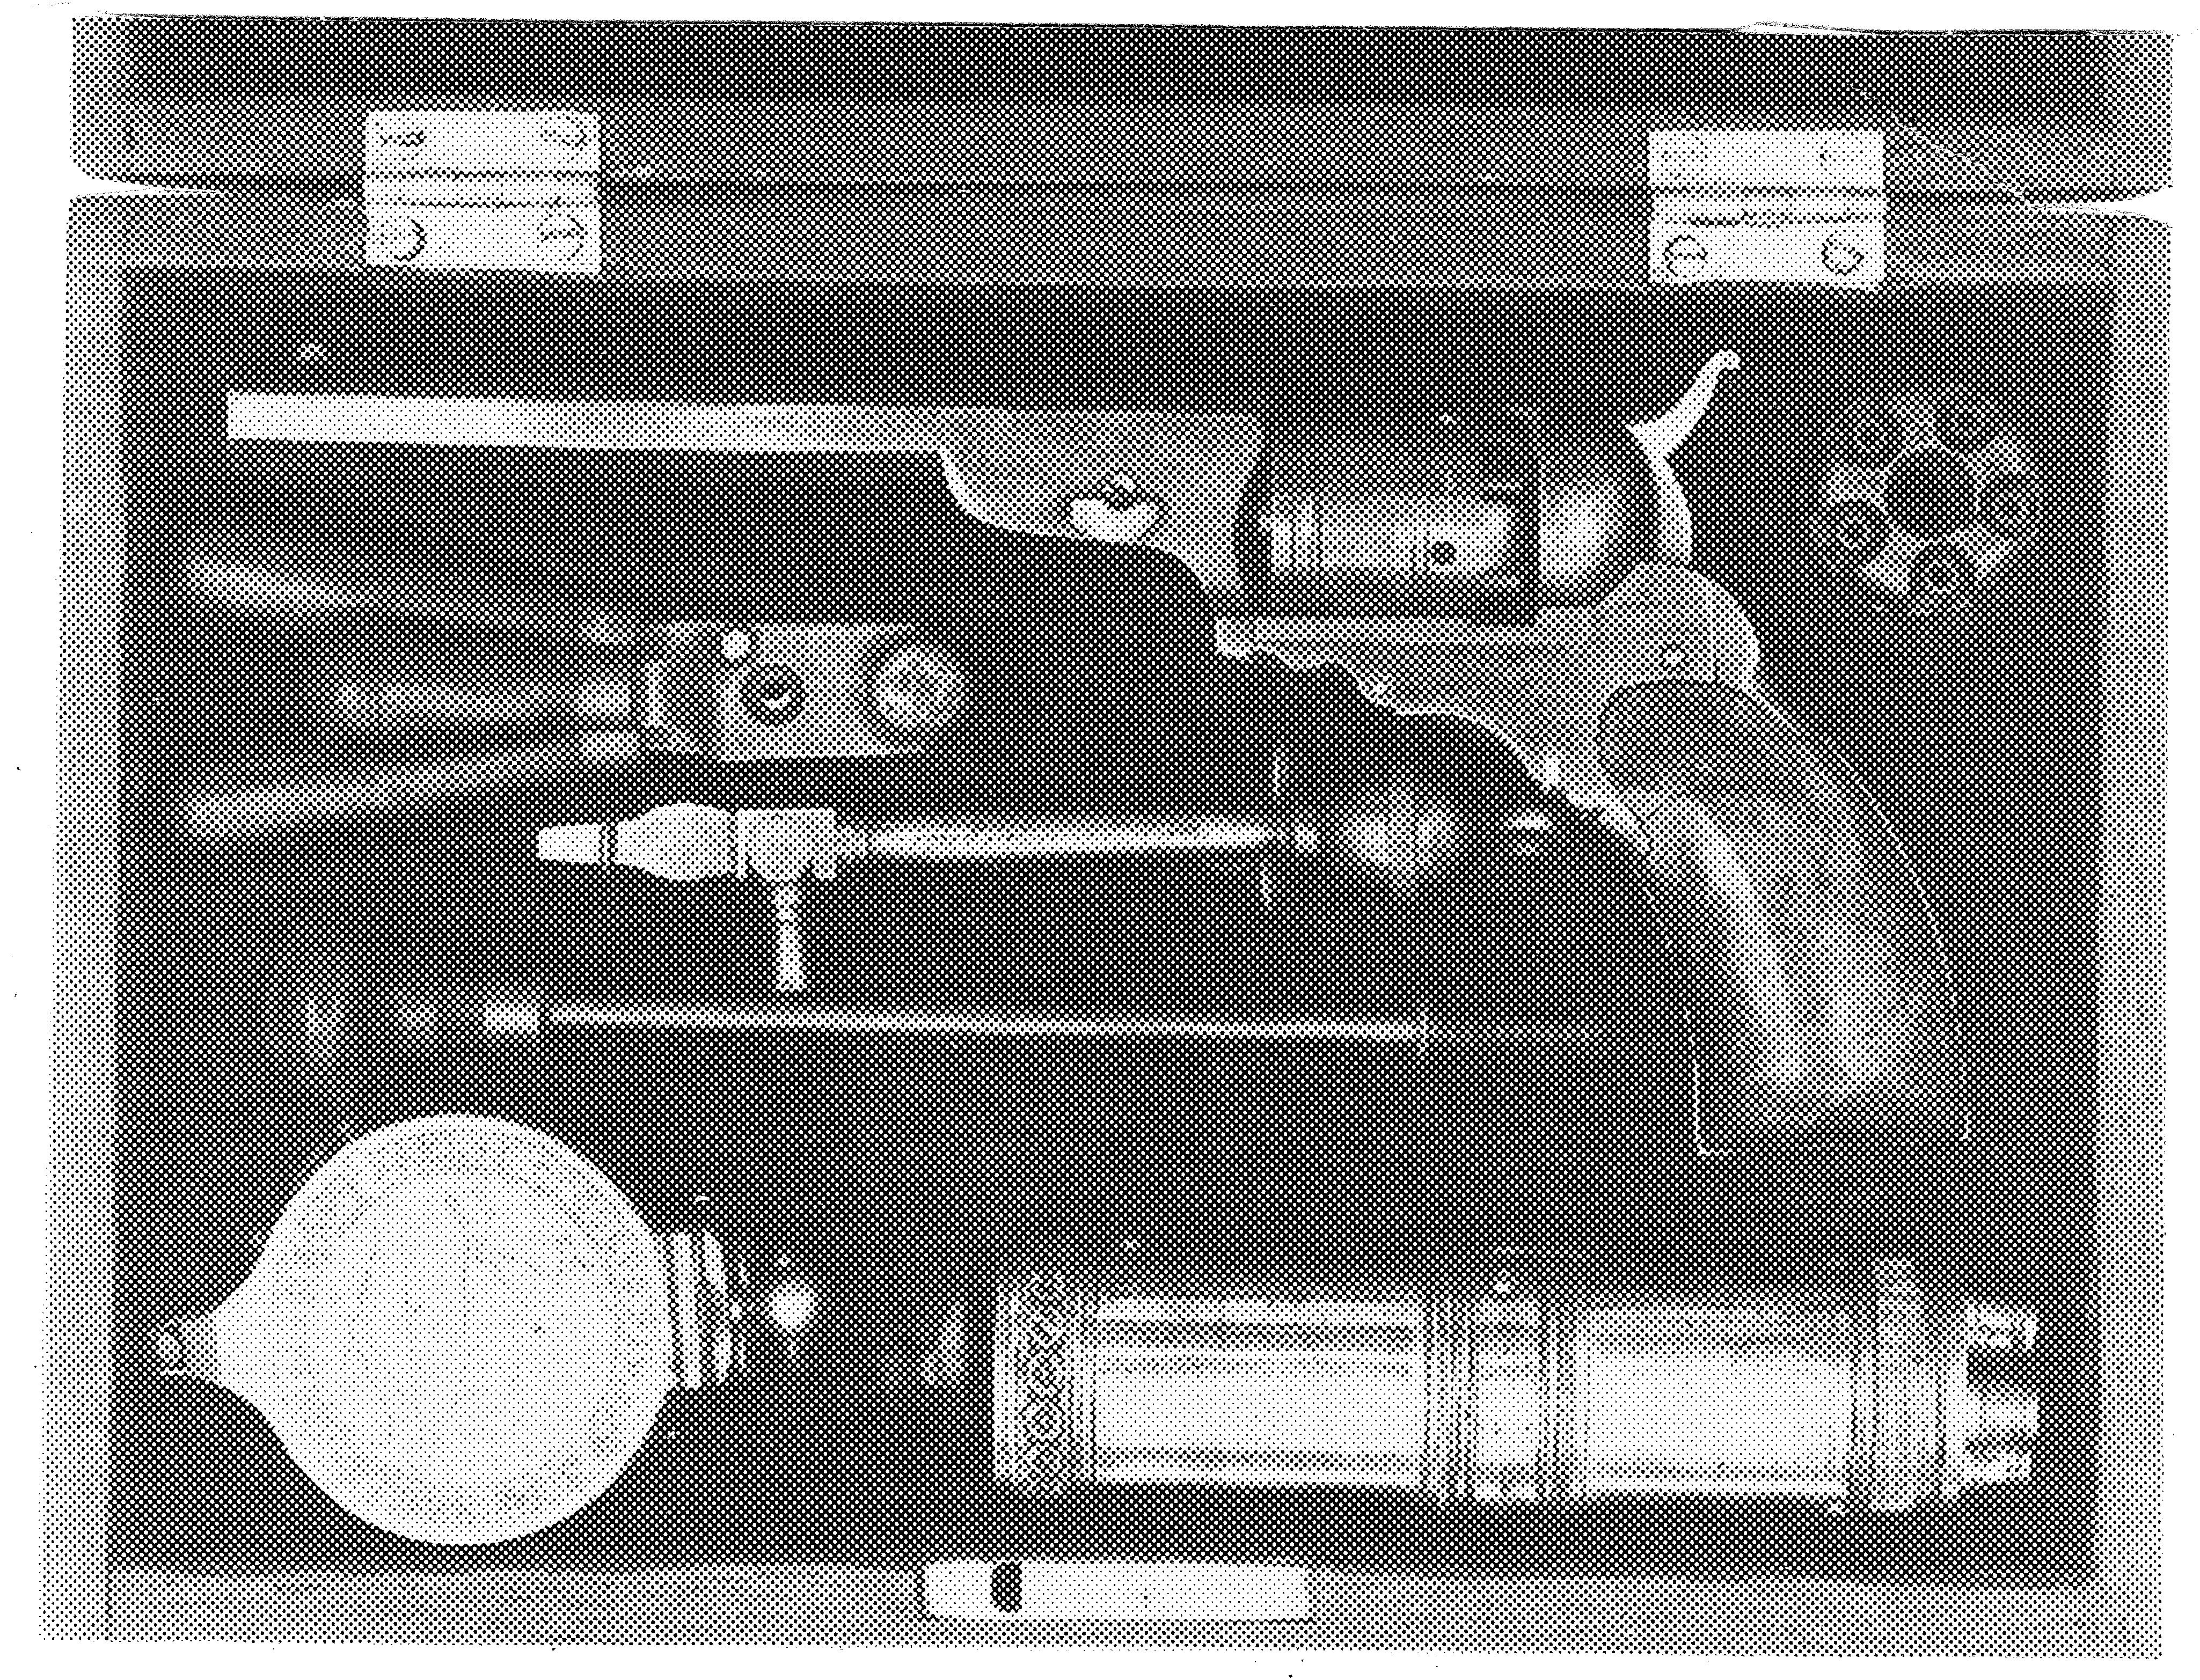 Belt Model Paterson No. 2